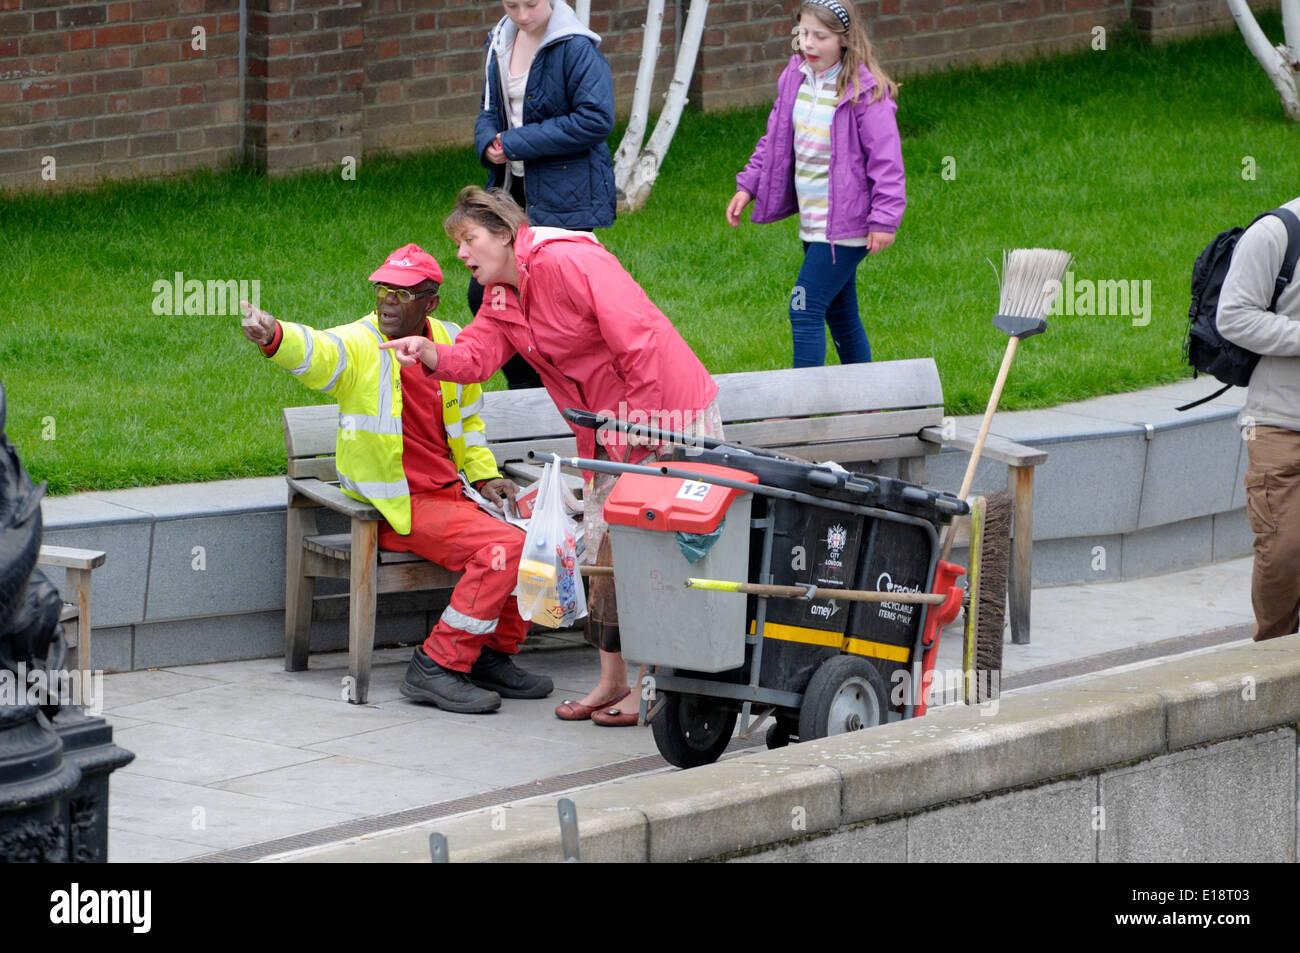 Londres, Angleterre, Royaume-Uni. Balayeuse lire un journal sur un banc et donnant des directives à un touriste Photo Stock